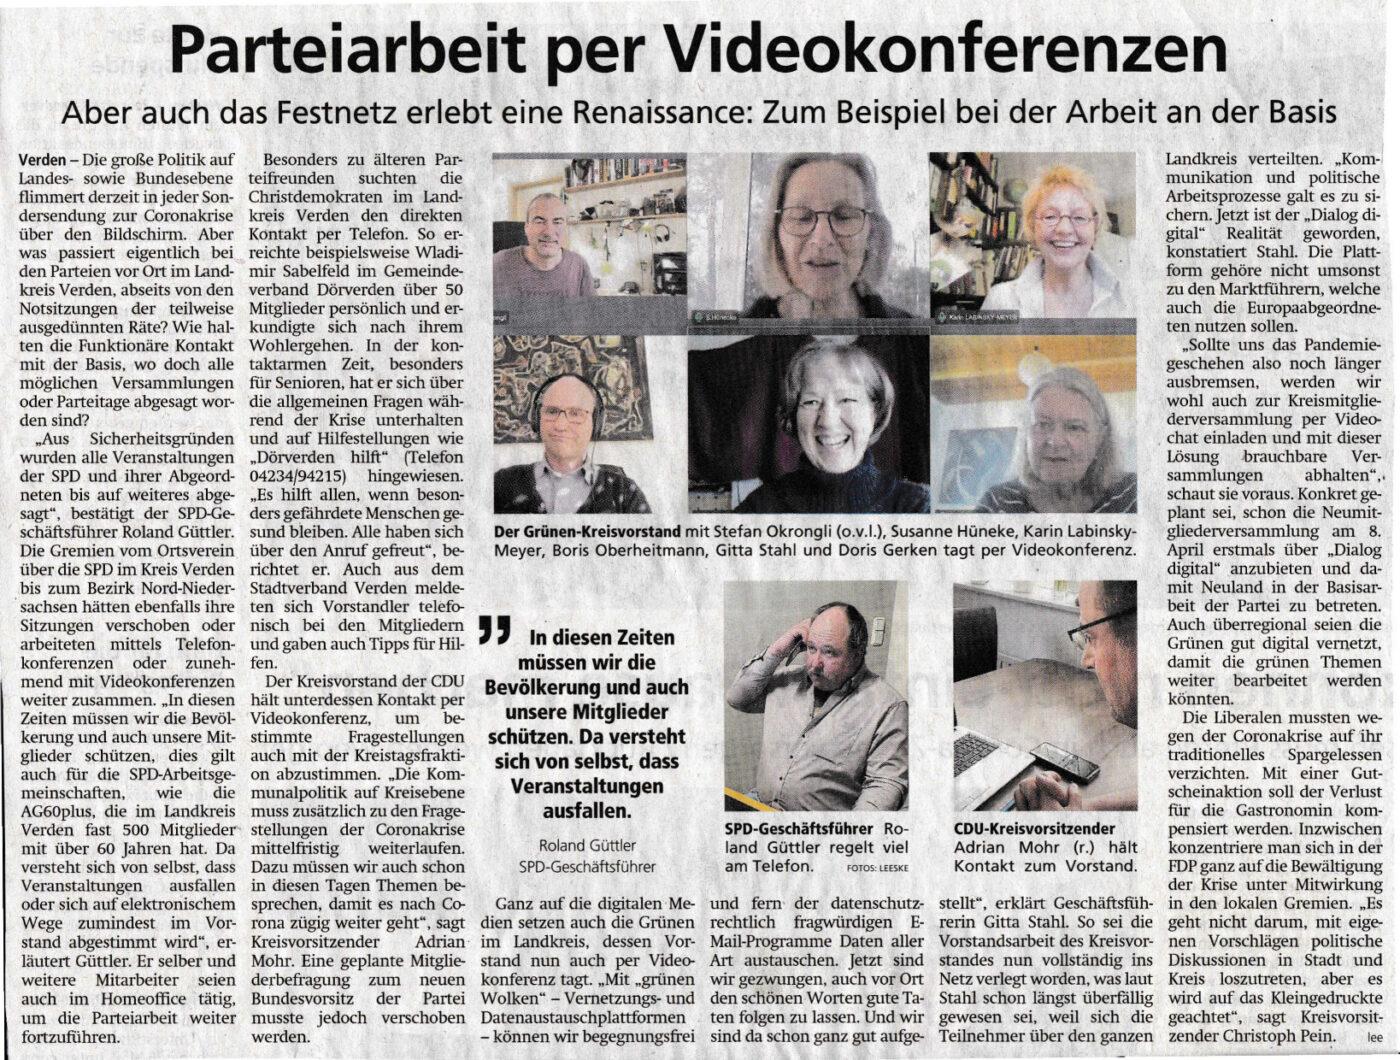 Parteiarbeit per Videokonferenzen …